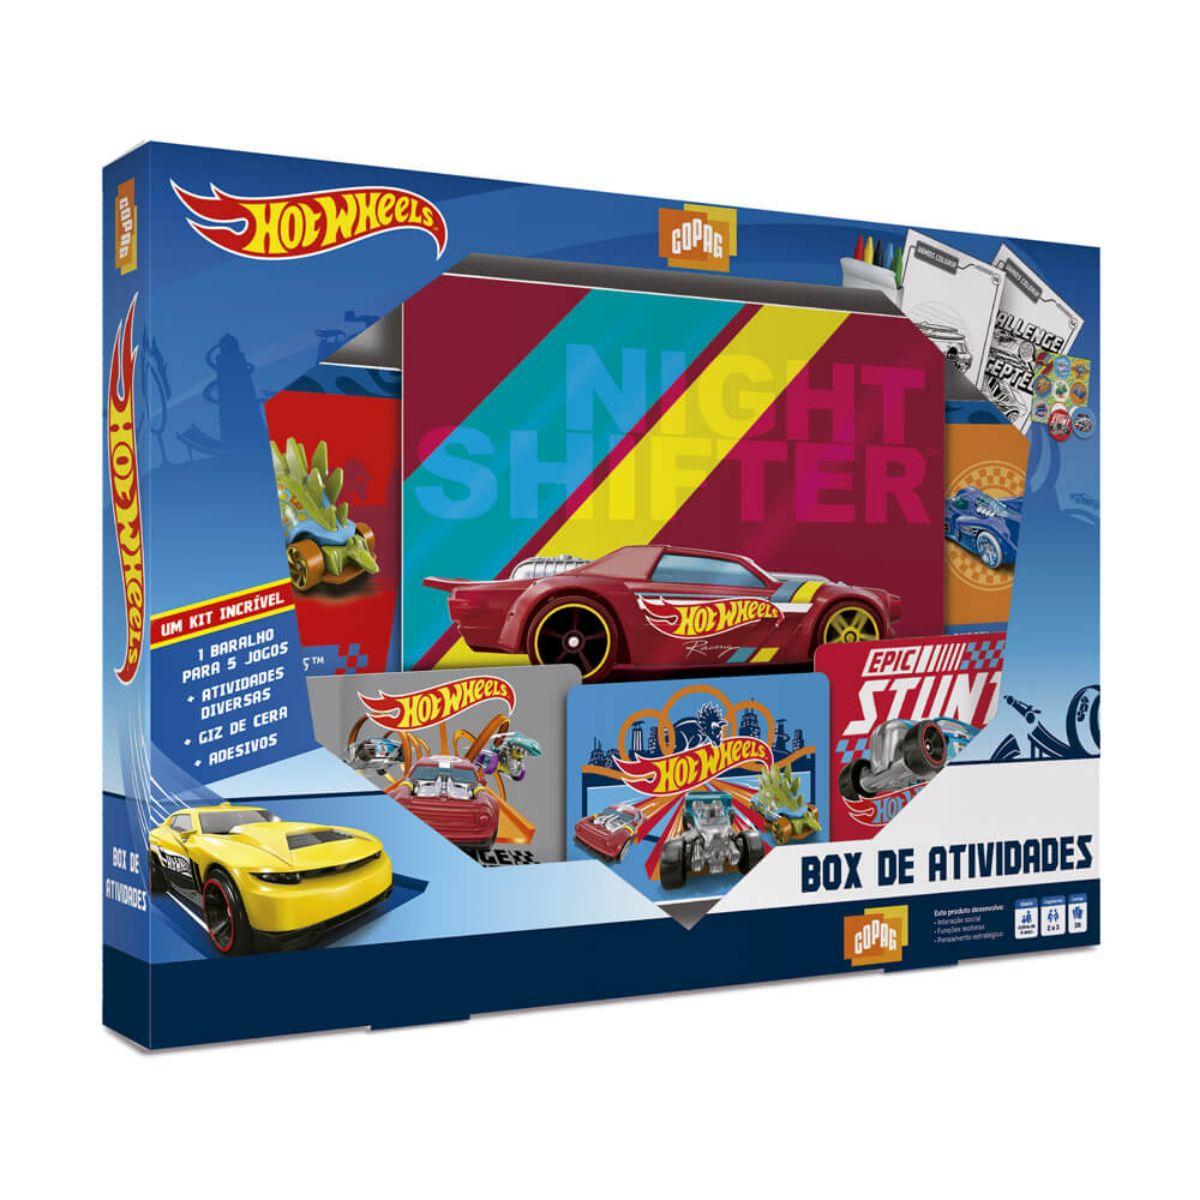 Jogo Box de Atividades da Hot Wheels com diversos Acessórios